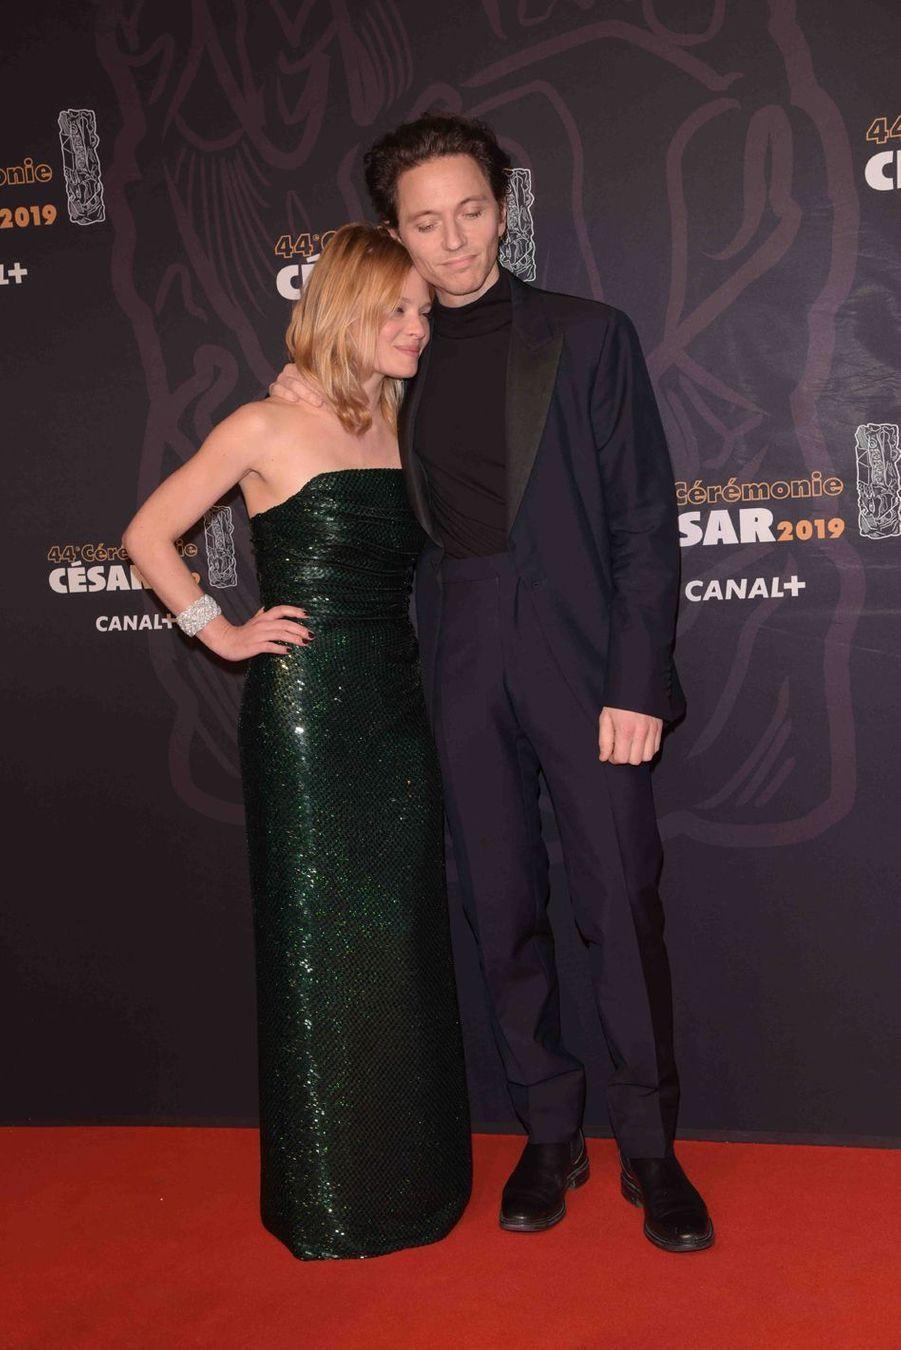 Mélanie Thierry et Raphaëlà la 44e cérémonie des César à la Salle Pleyel à Paris le 22 février 2019